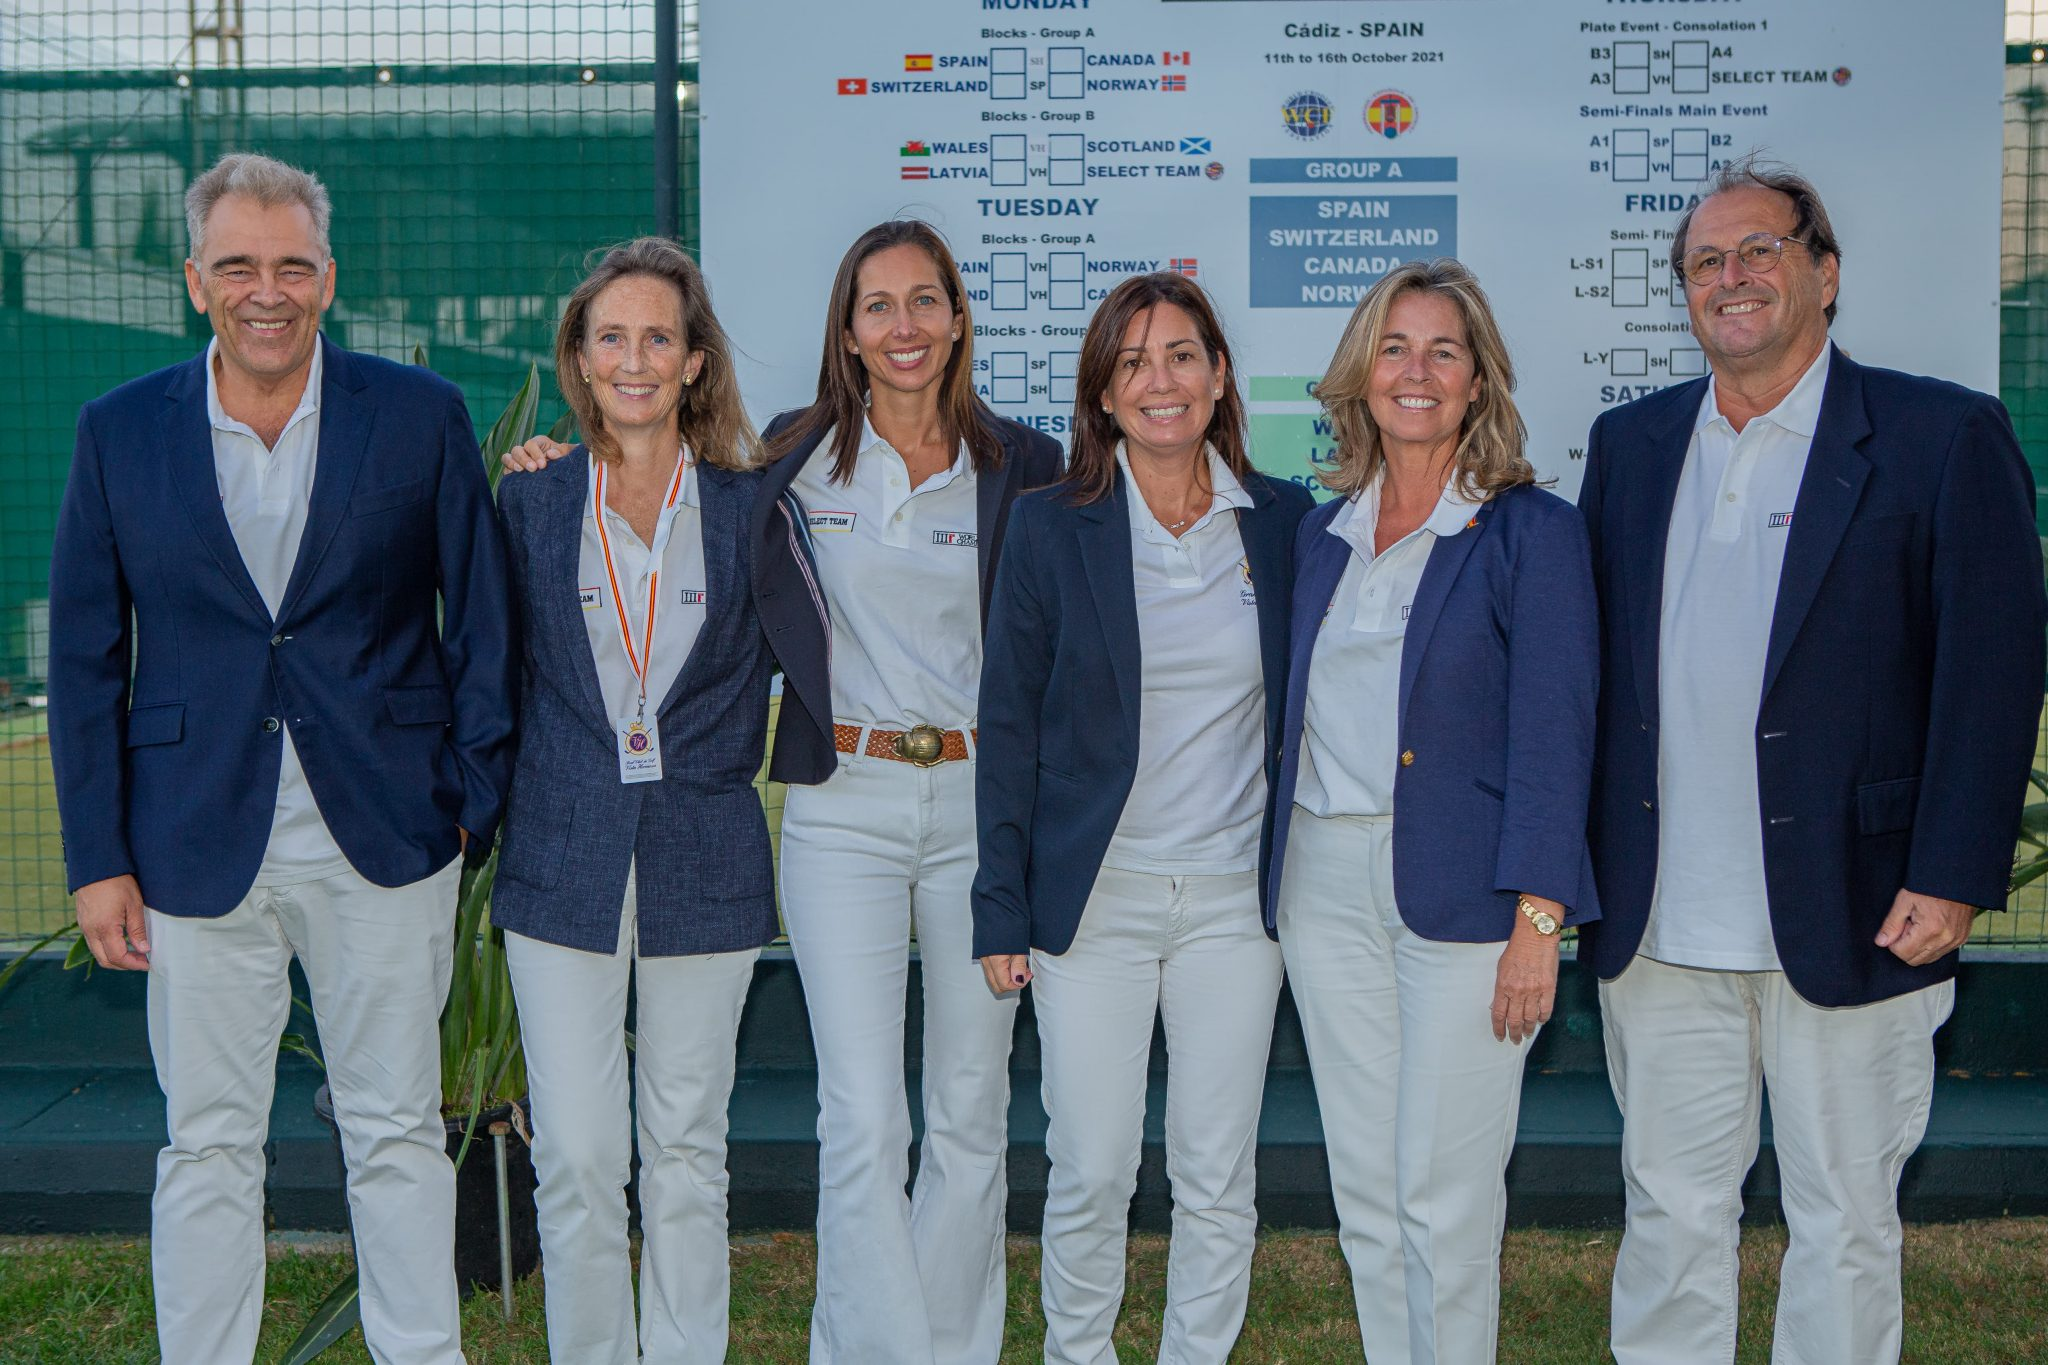 III Campeonato del Mundo de Croquet por Países - Real Novo Sancti Petri 35